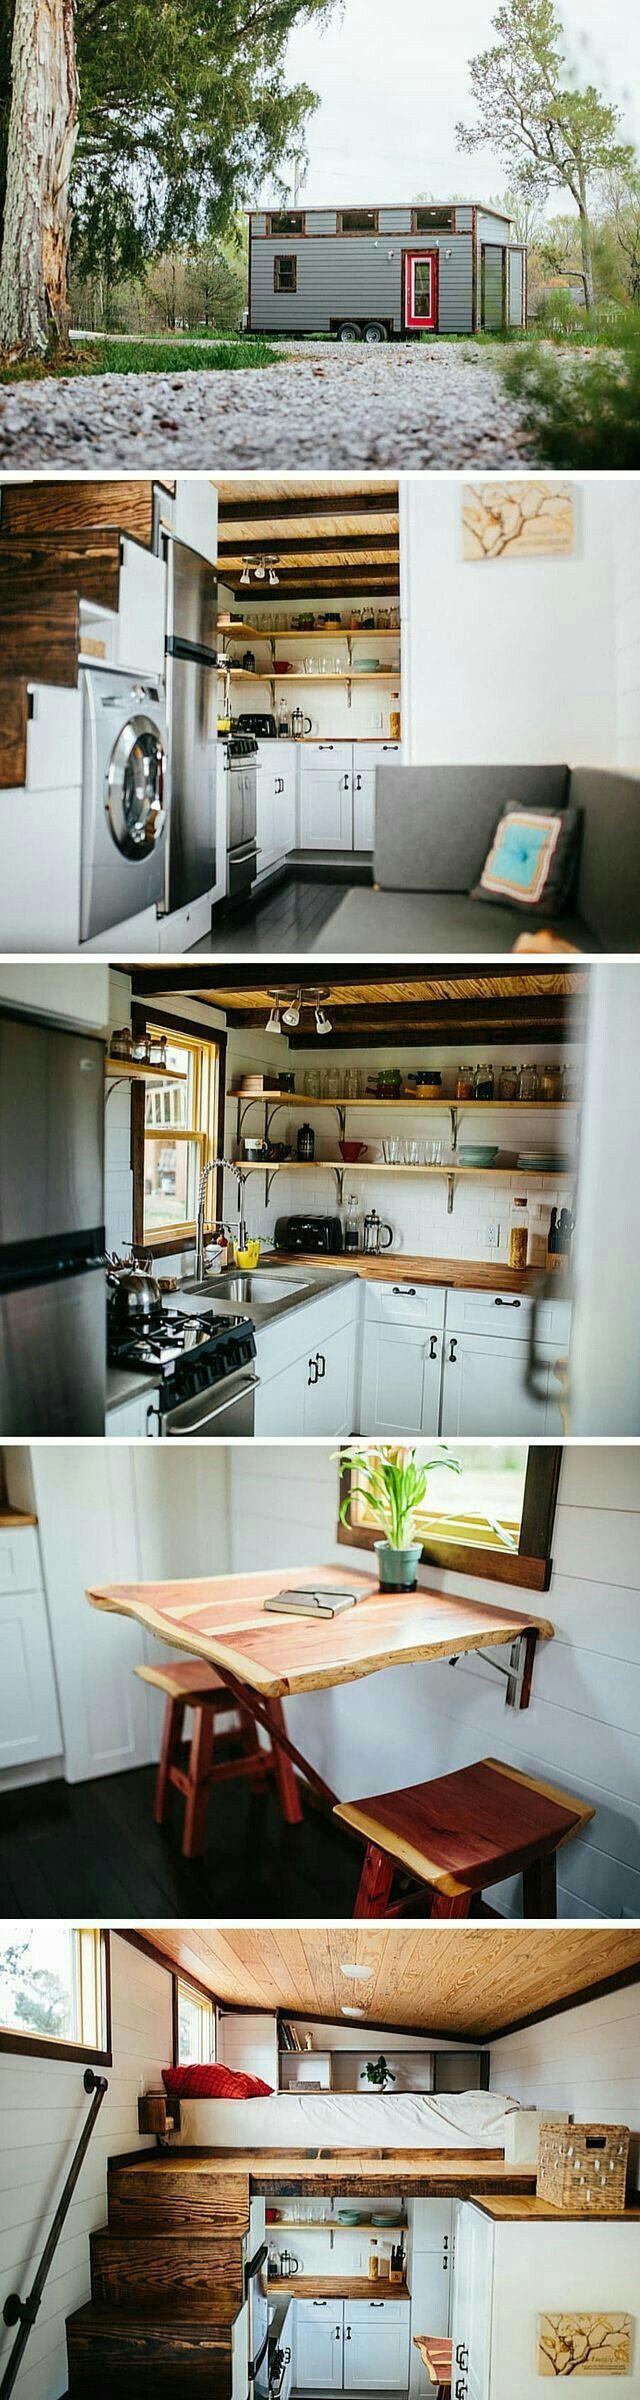 Pin von Hailey Mease auf tiny house | Pinterest | kleines Häuschen ...